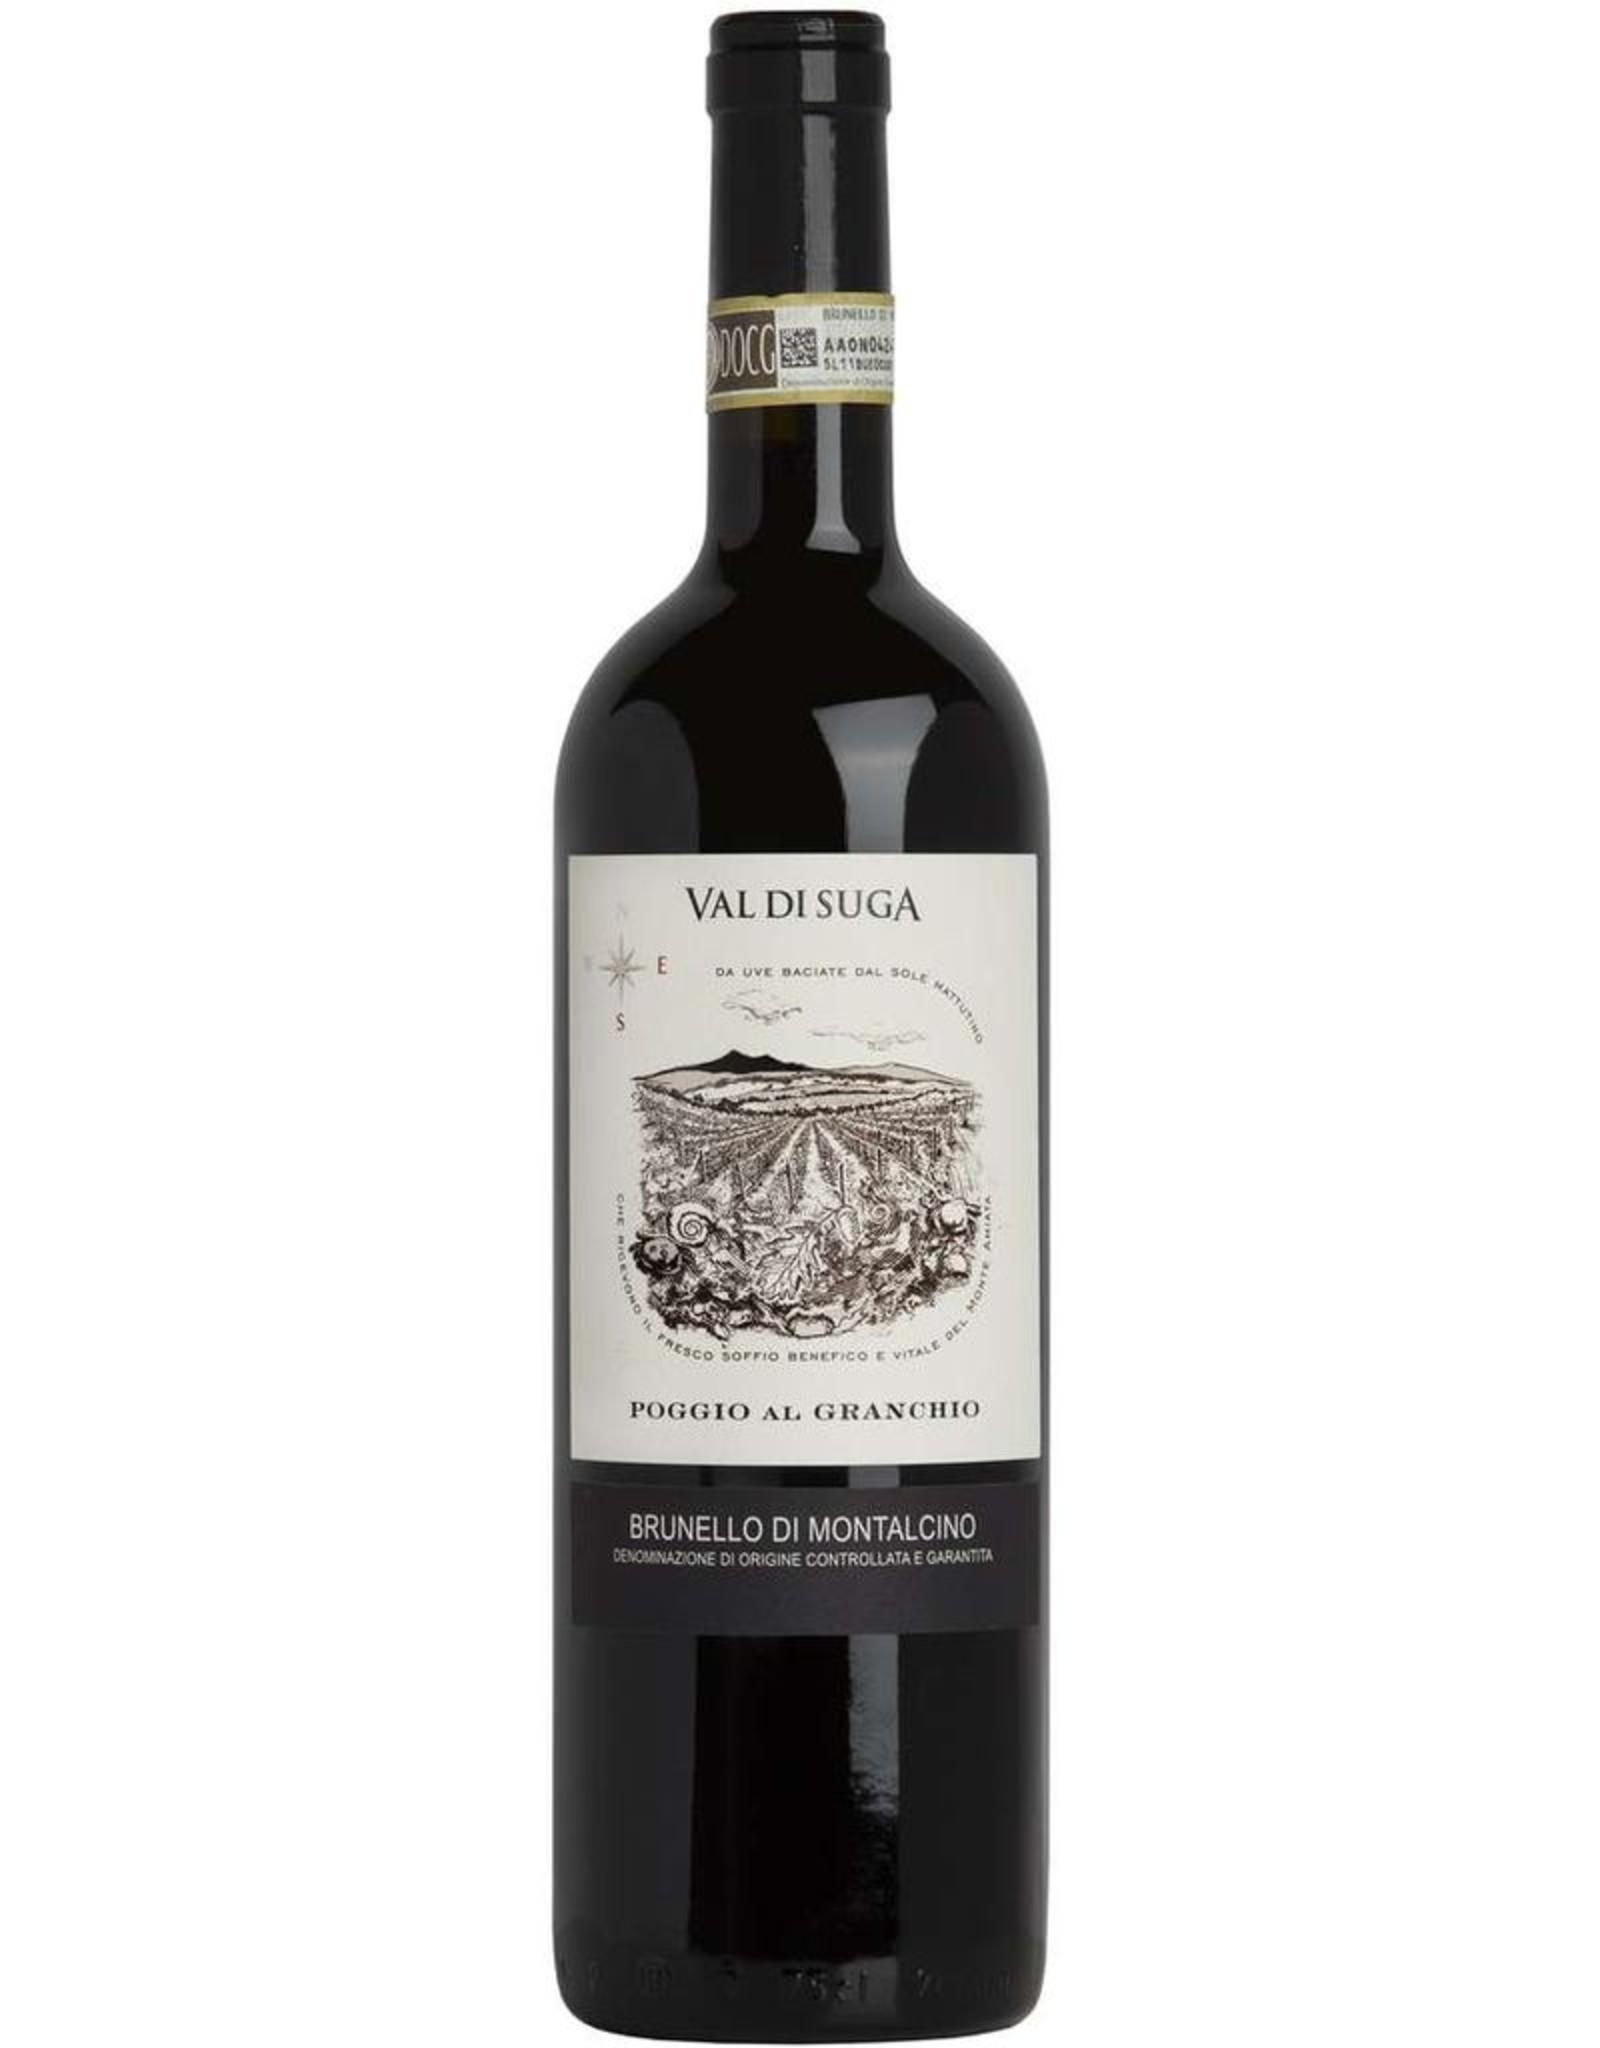 Red Wine 2010, Val Di Suga Poggio Al Granchio, Brunello di Montalcino, Sangiovese, Montalcino, Tuscany, Italy, 15% Alc, CT92.1, RP93